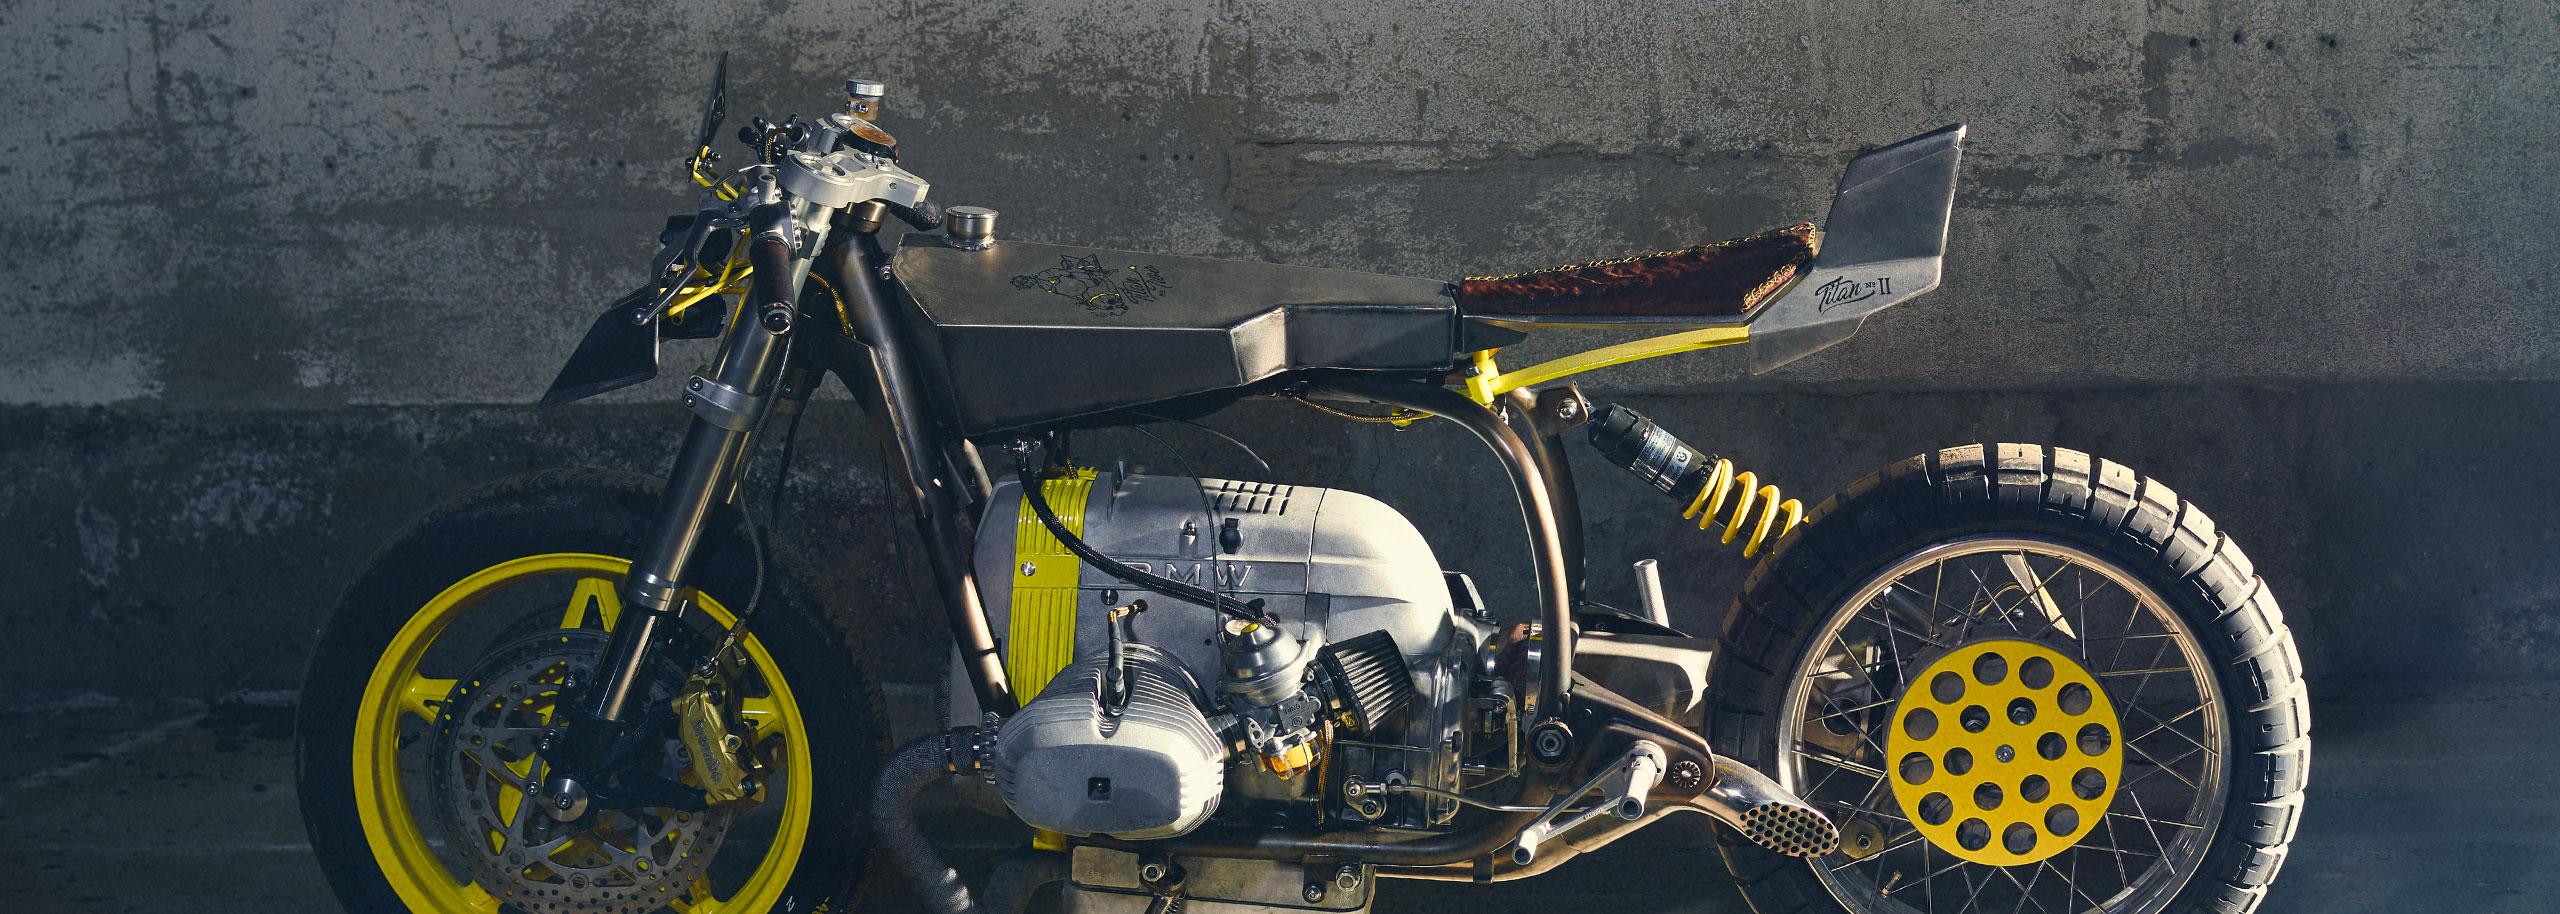 TITAN-No-2-Cafe-Racer-Graz-BMW-Motorrad-Concept-Studie-Custom-Bike-Österreich-Styria-Konzepte-Design-04